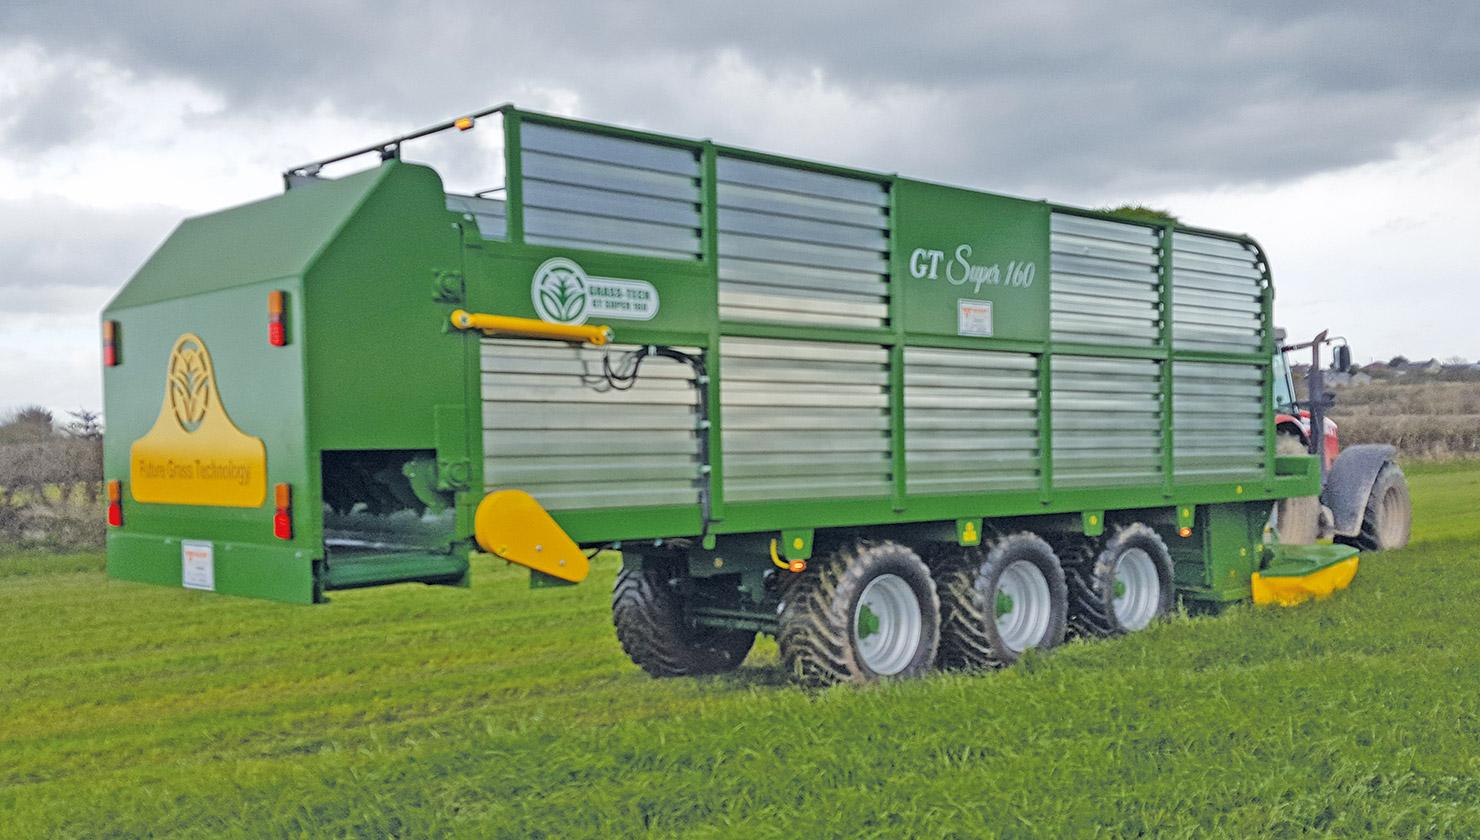 Grass Tech